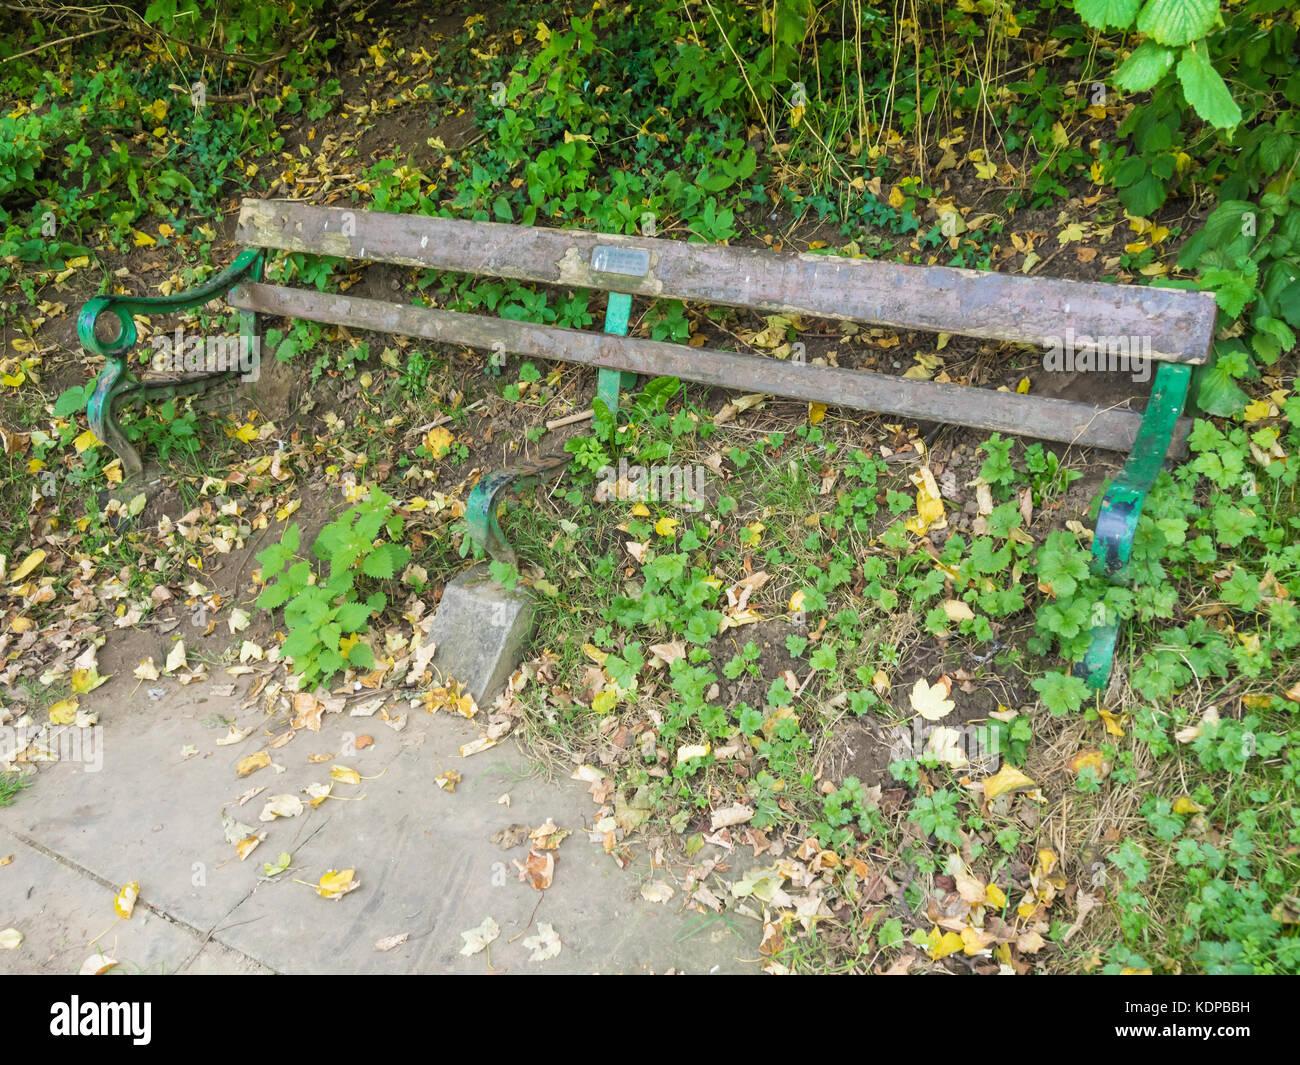 Pubblico sedile unico, con una dedizione ad un giovane che morì nel 1987, con sedile in legno decaduto e perso di lasciare il sedile inutile Foto Stock